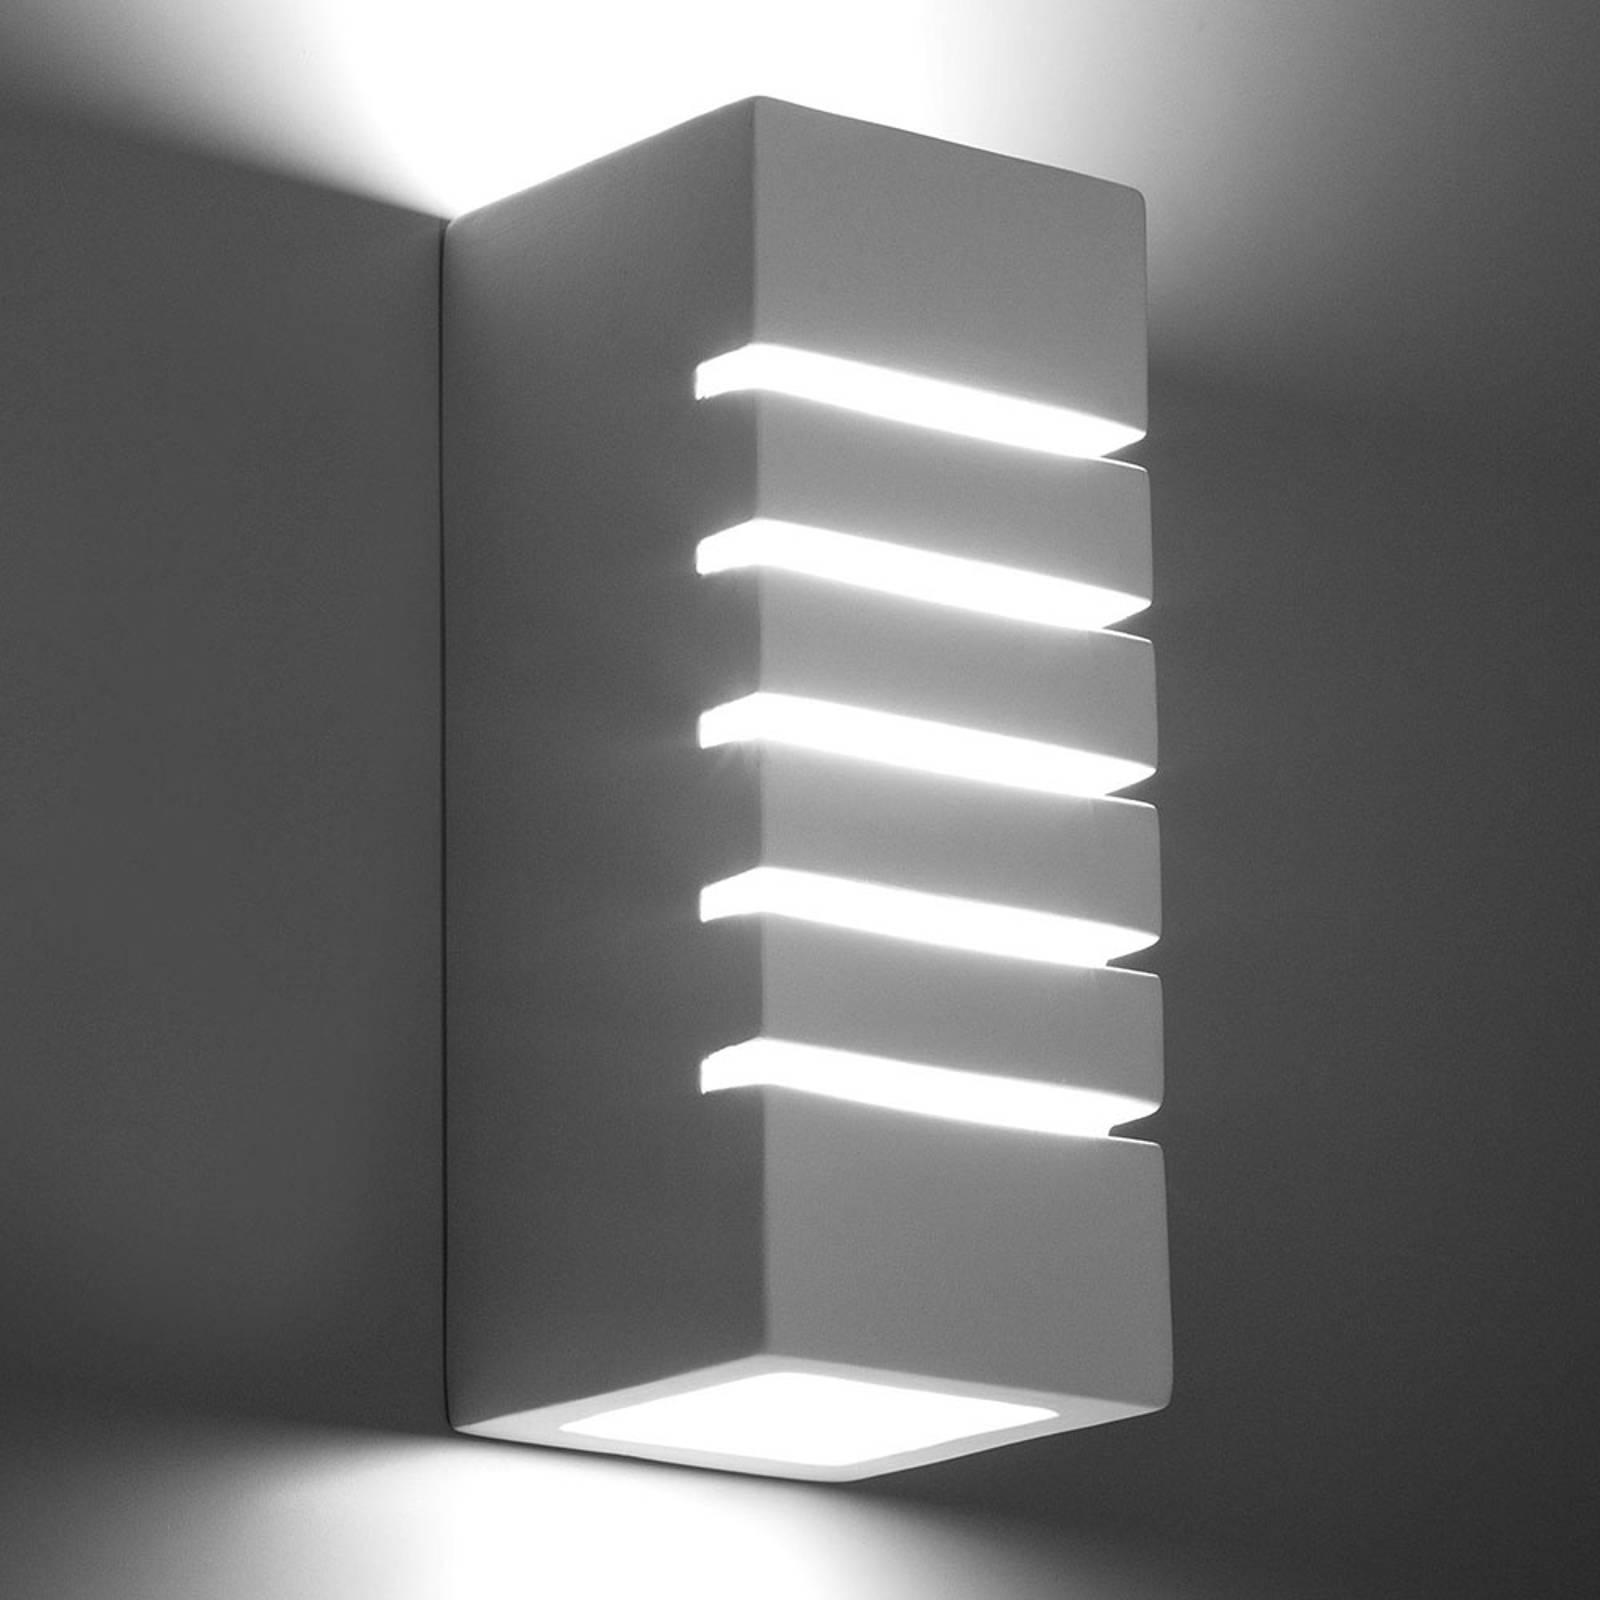 Seinävalaisin Stripes keramiikkaa, valkoinen